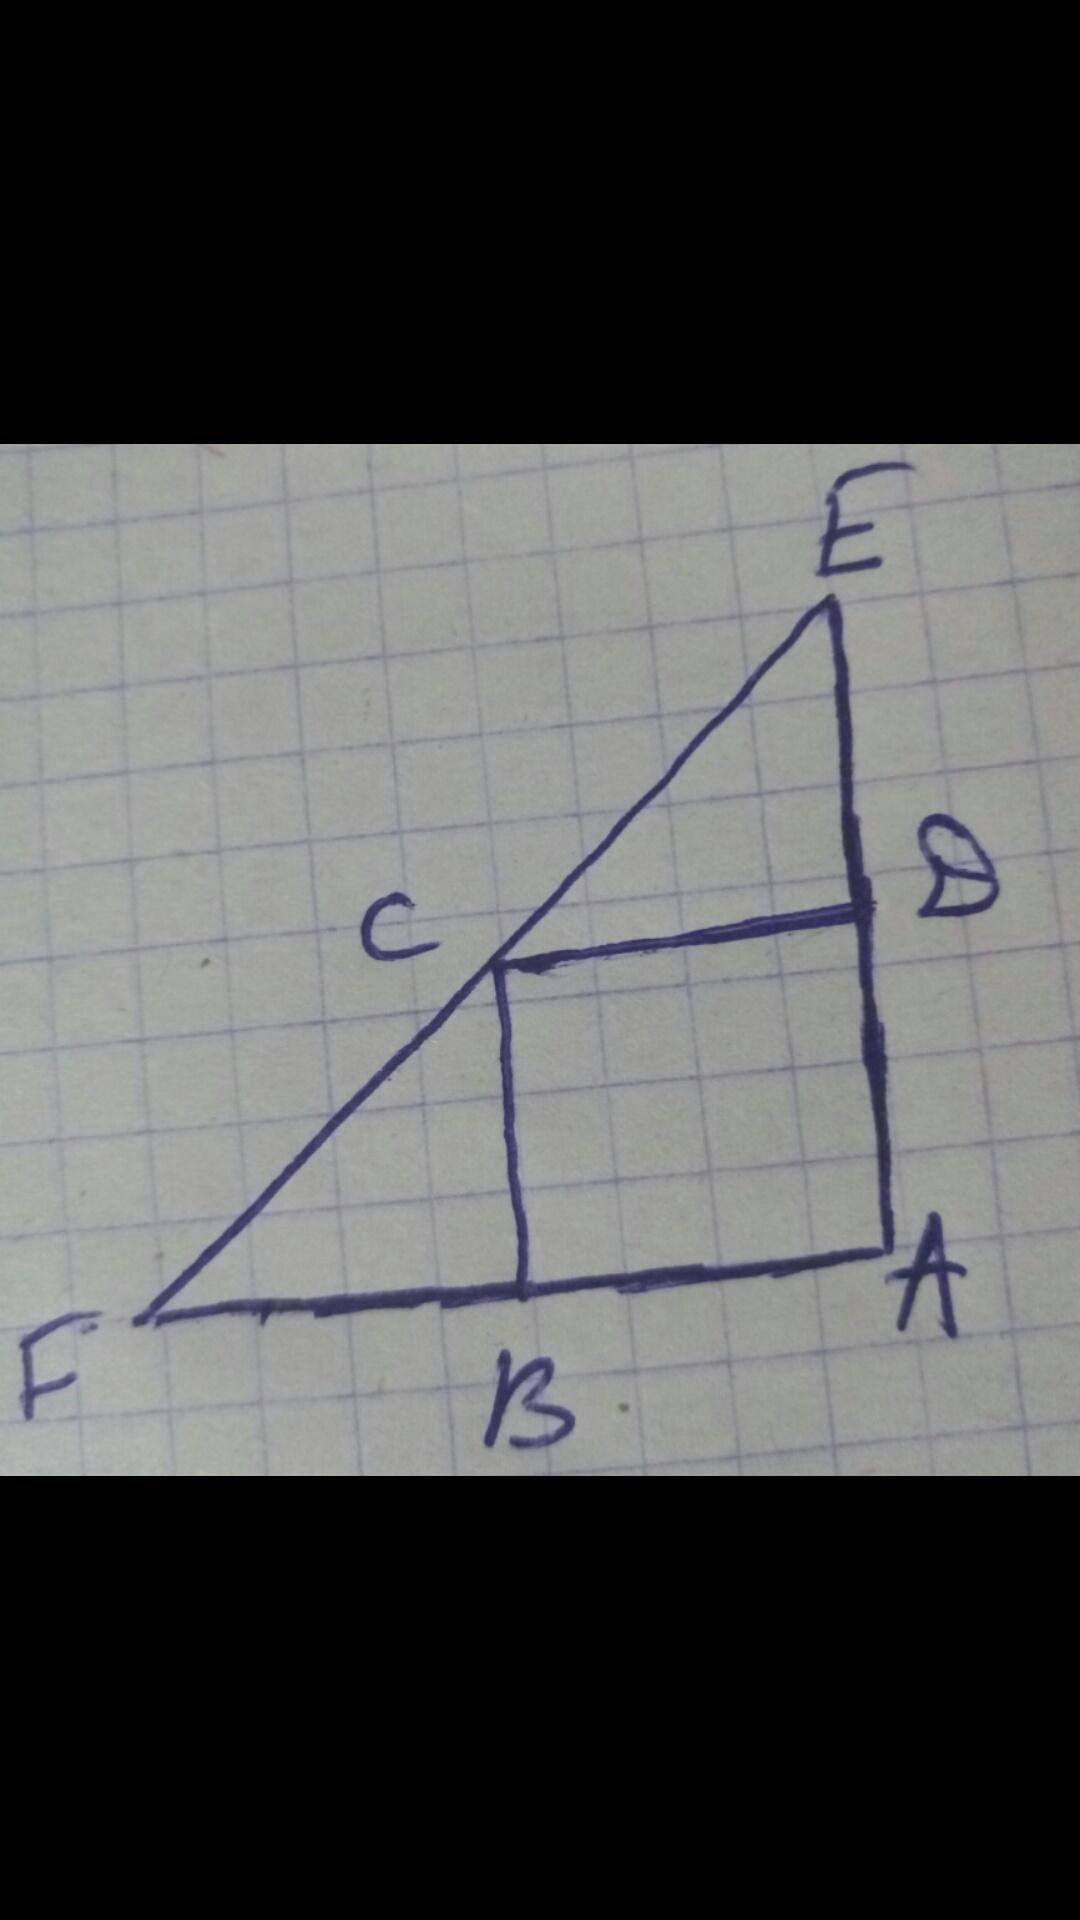 Найти площадь треугольника изображенного на рисунке если стороны клеток